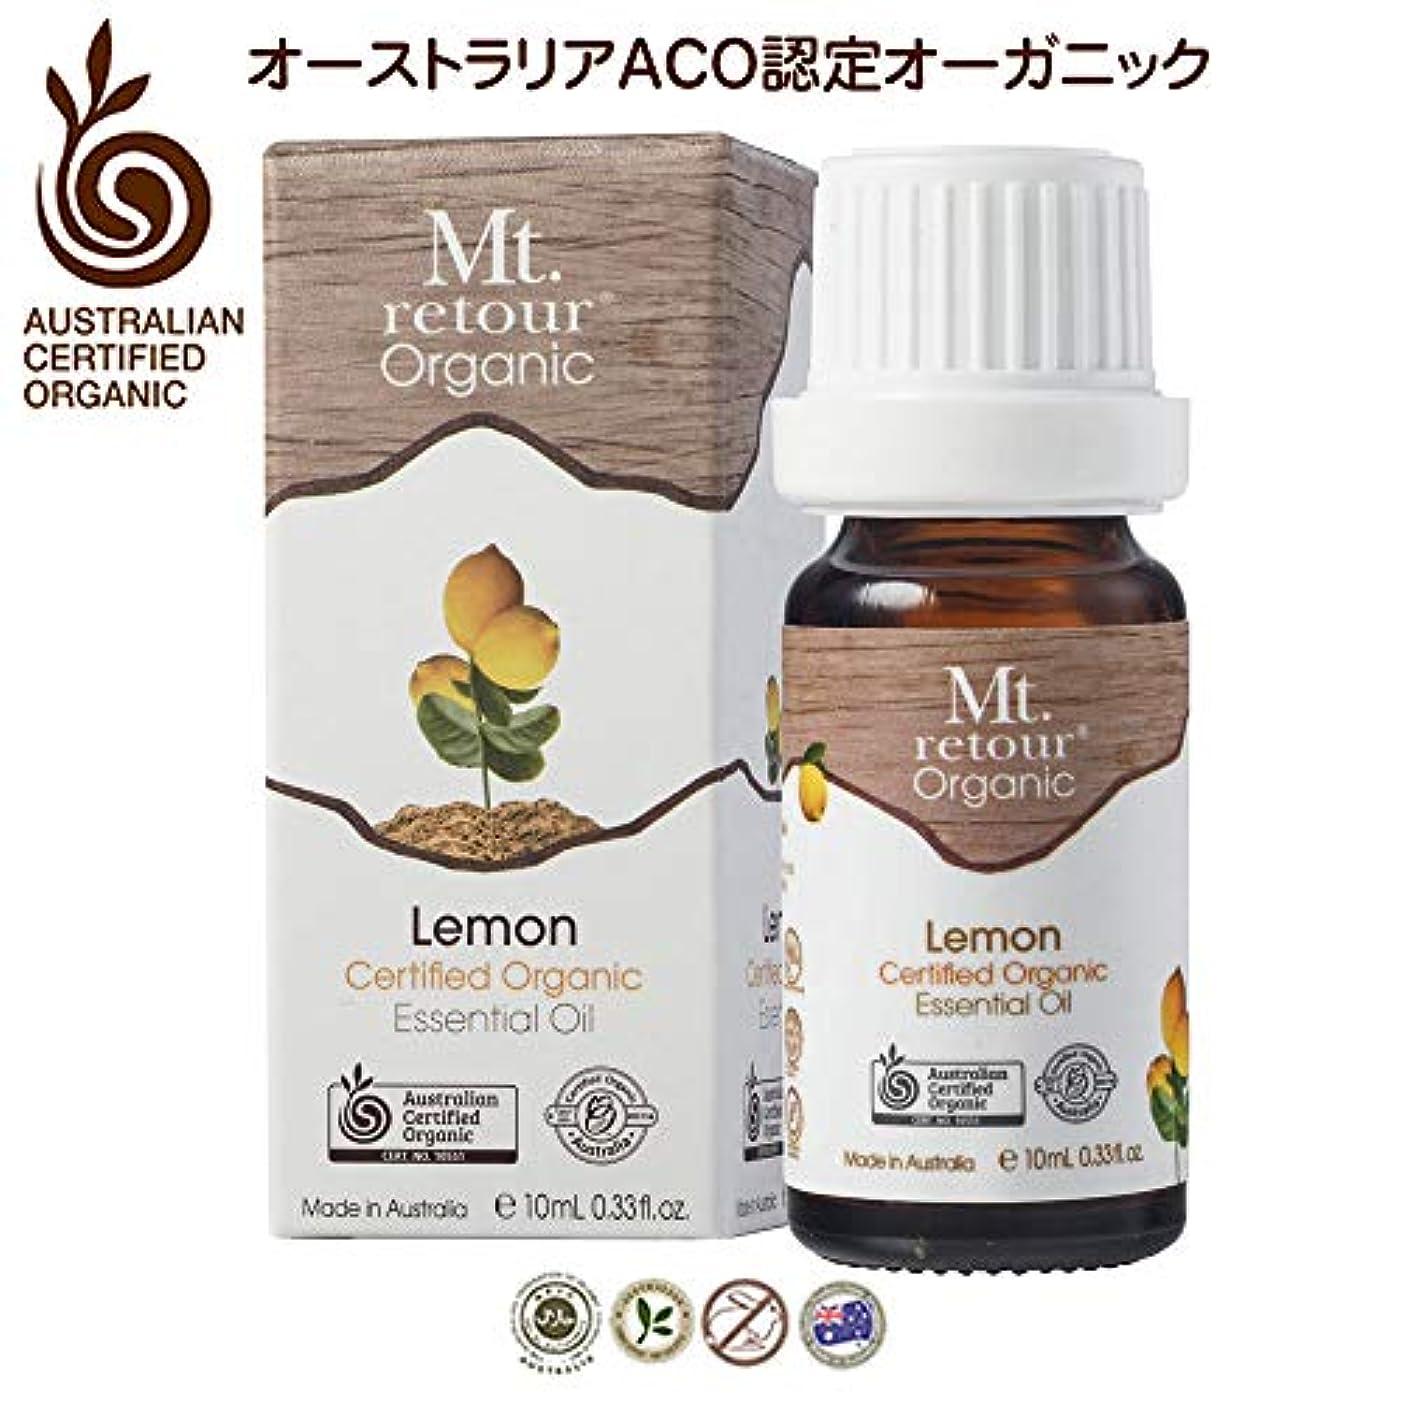 パンフレット溝最後にMt. retour ACO認定オーガニック レモン 10ml エッセンシャルオイル(無農薬有機栽培)アロマ